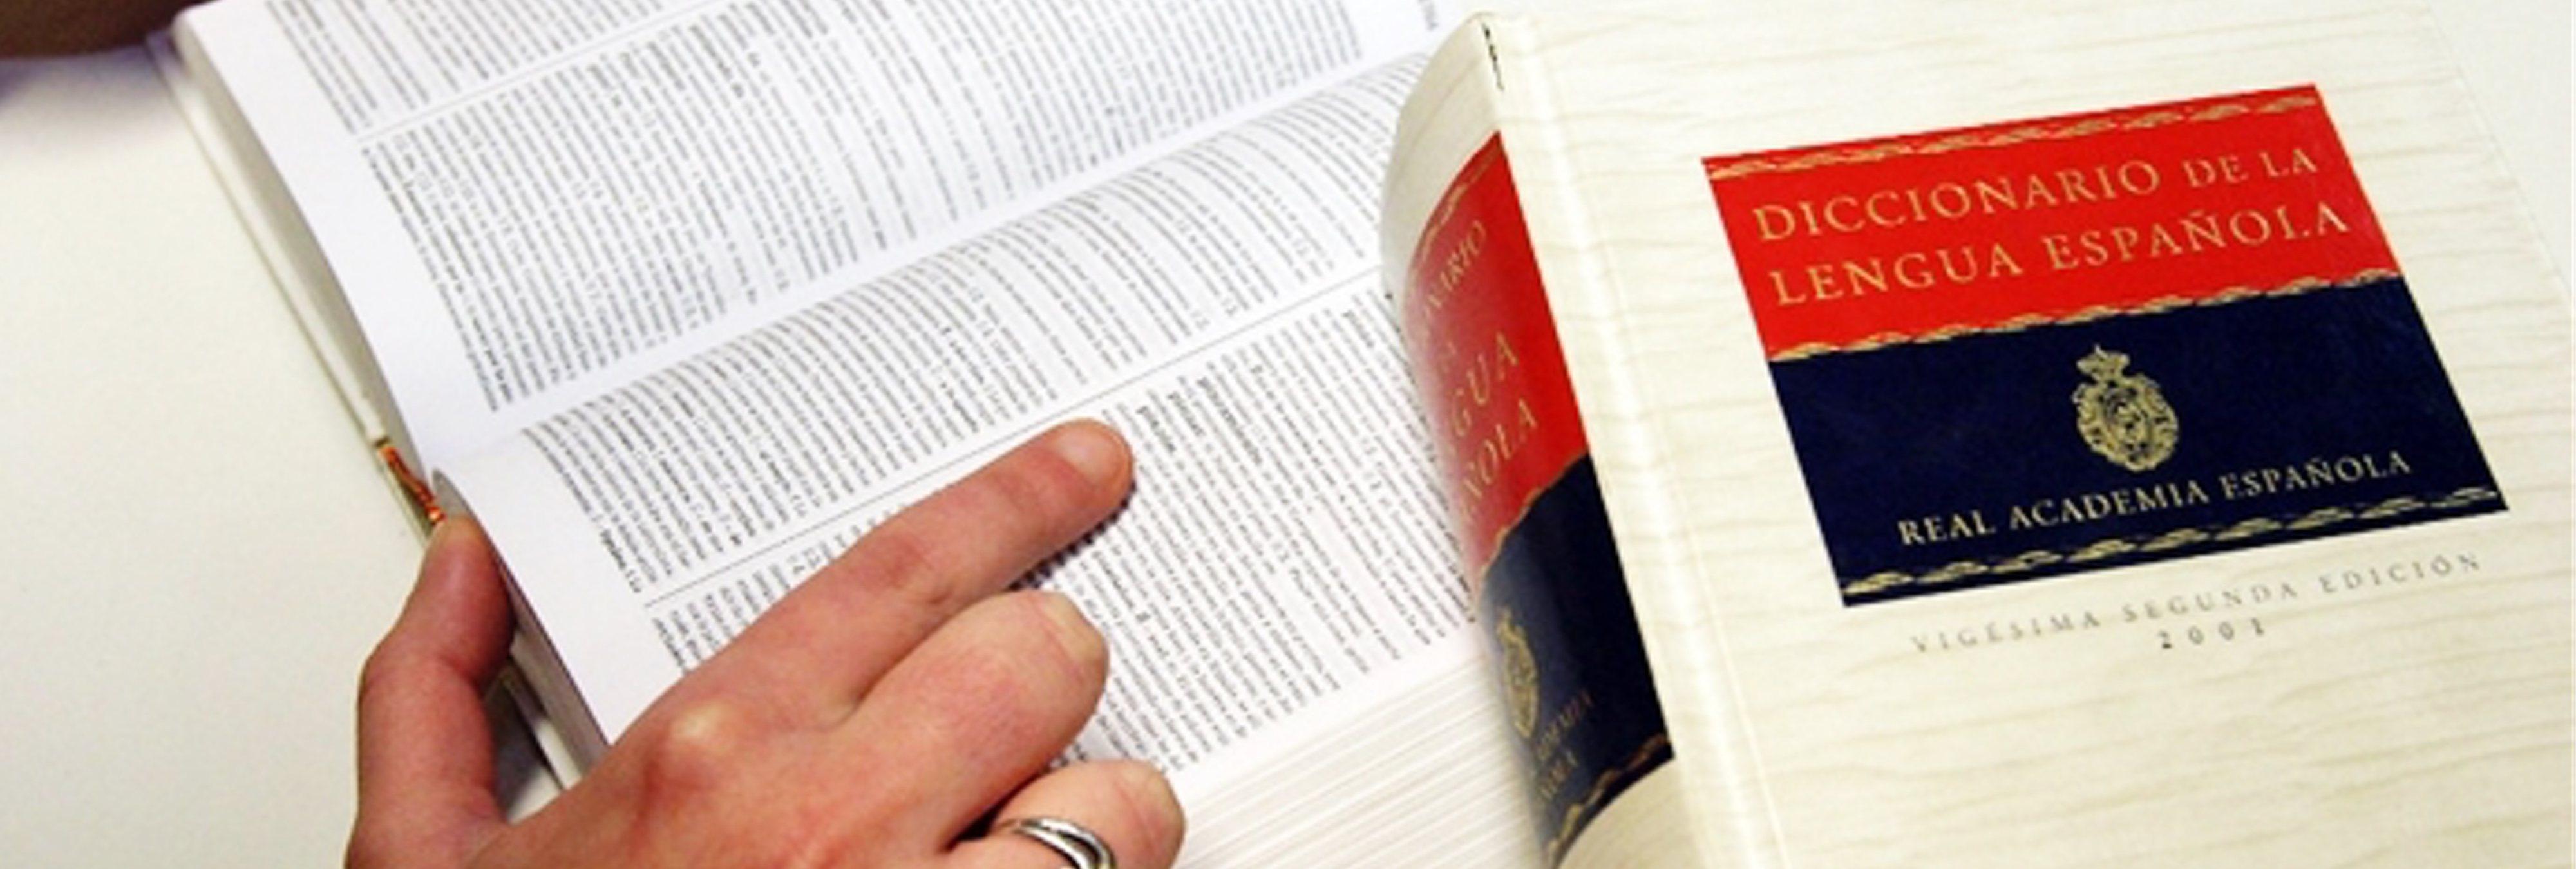 La RAE admite el término 'puto' como prefijo intensificador